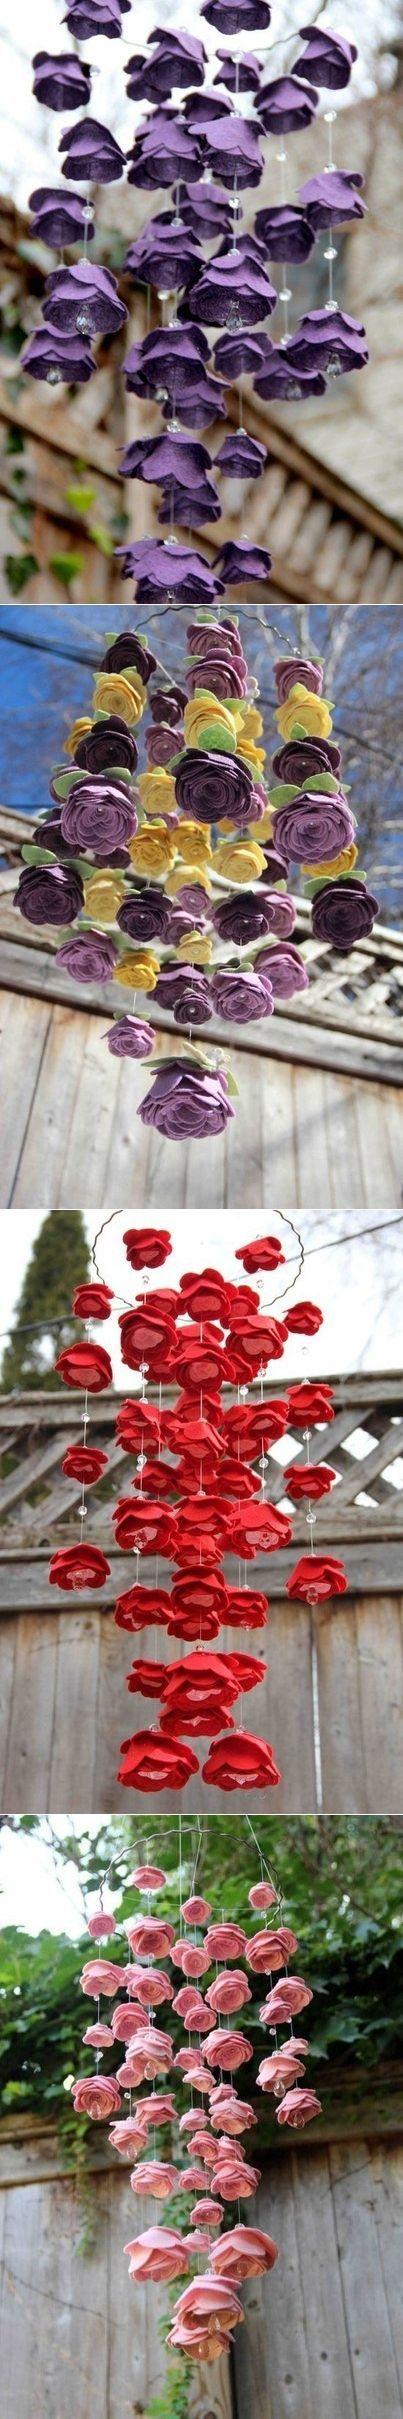 Мобиль с фетровыми цветочками. Идеи ...♥ Deniz ♥